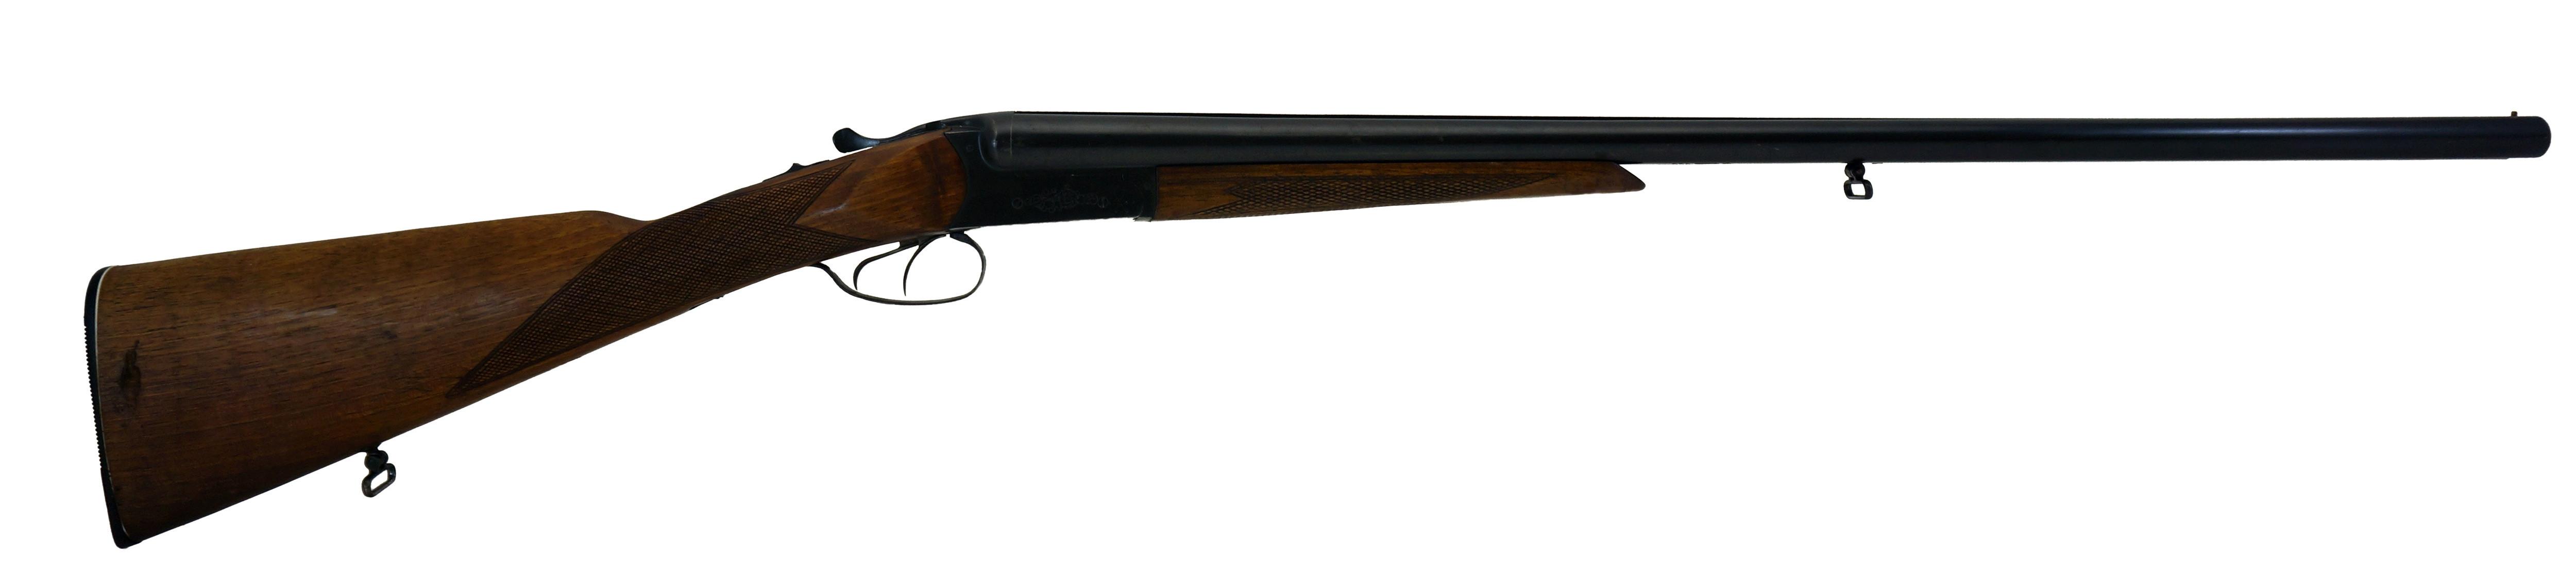 """Zastava M75, 12GA, 29"""" Barrel"""